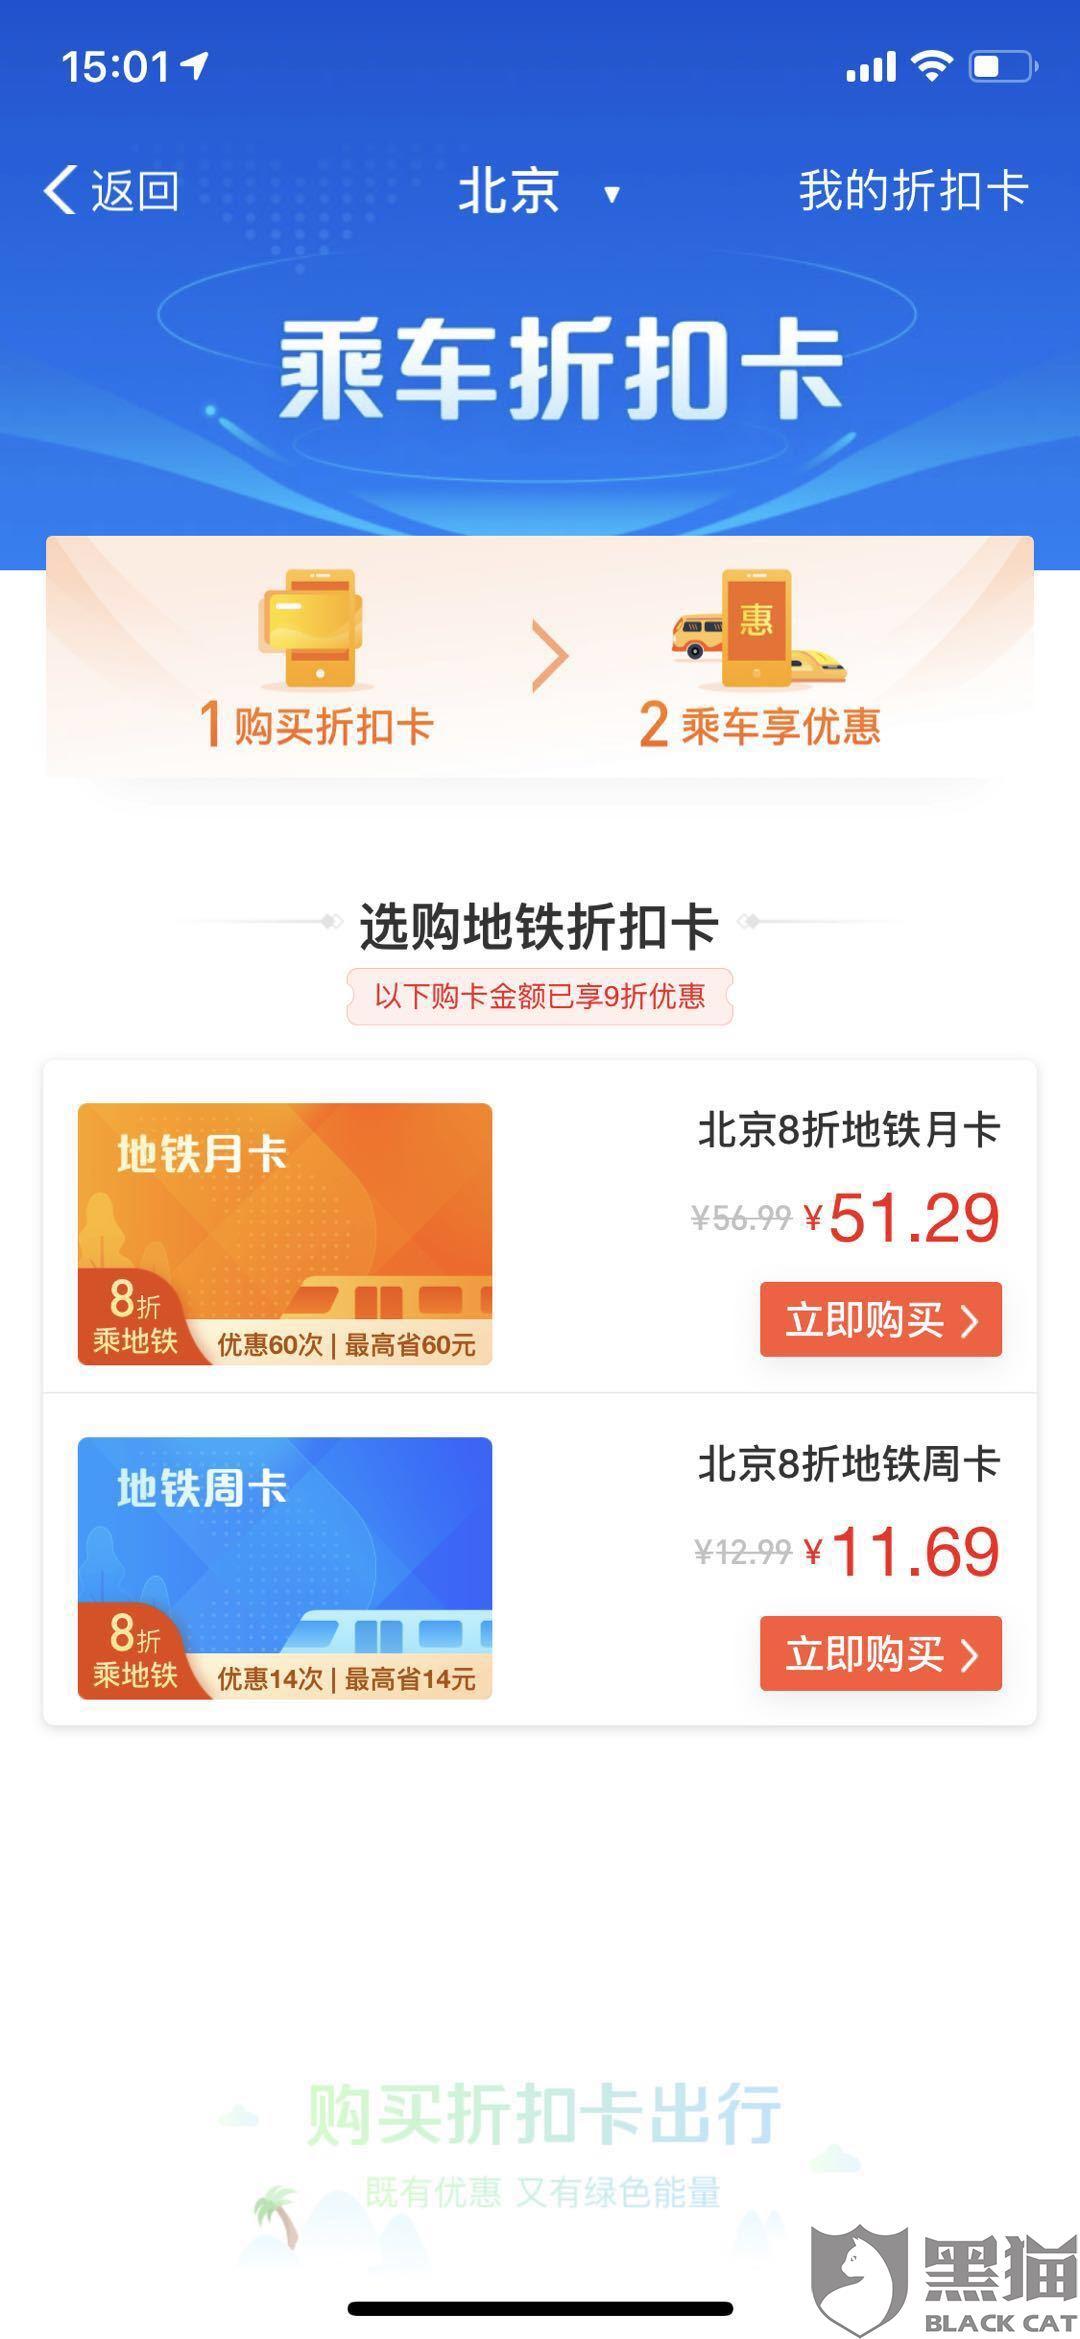 黑猫投诉:支付宝大数据杀熟,同样是北京地铁8折月卡,价格差5倍